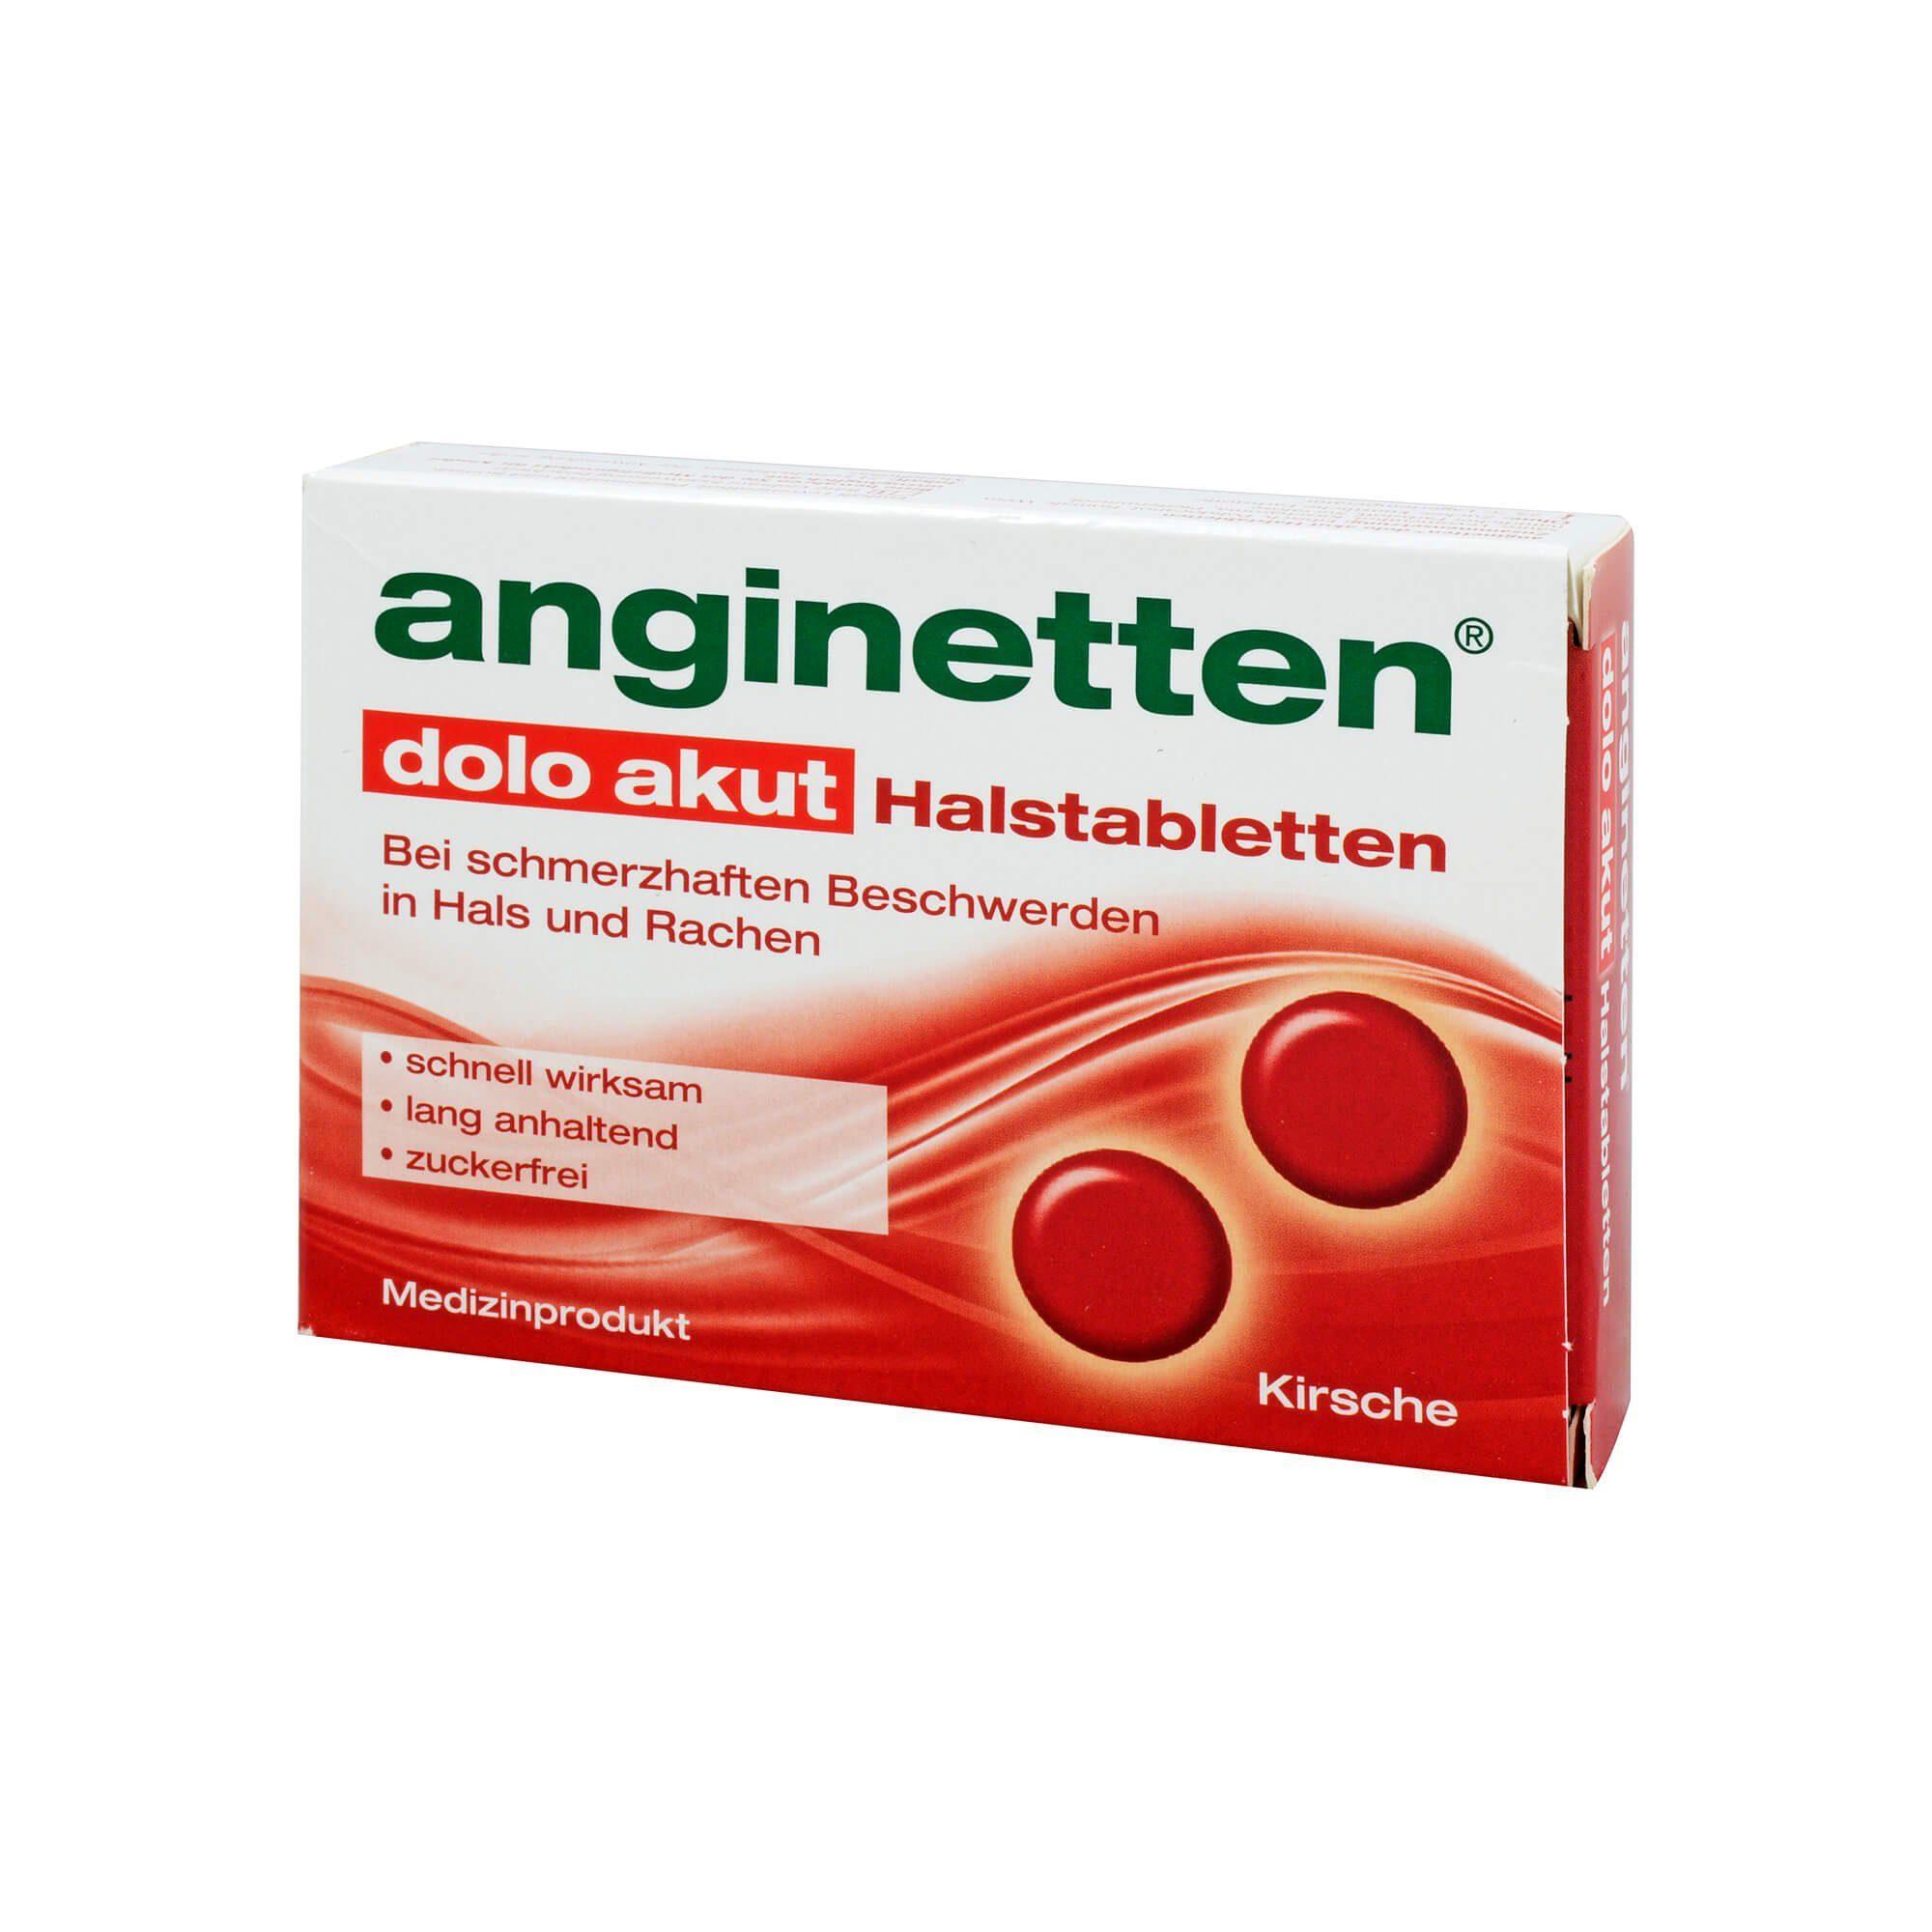 Anginetten dolo akut Halstabletten Kirschgeschmack, 24 St